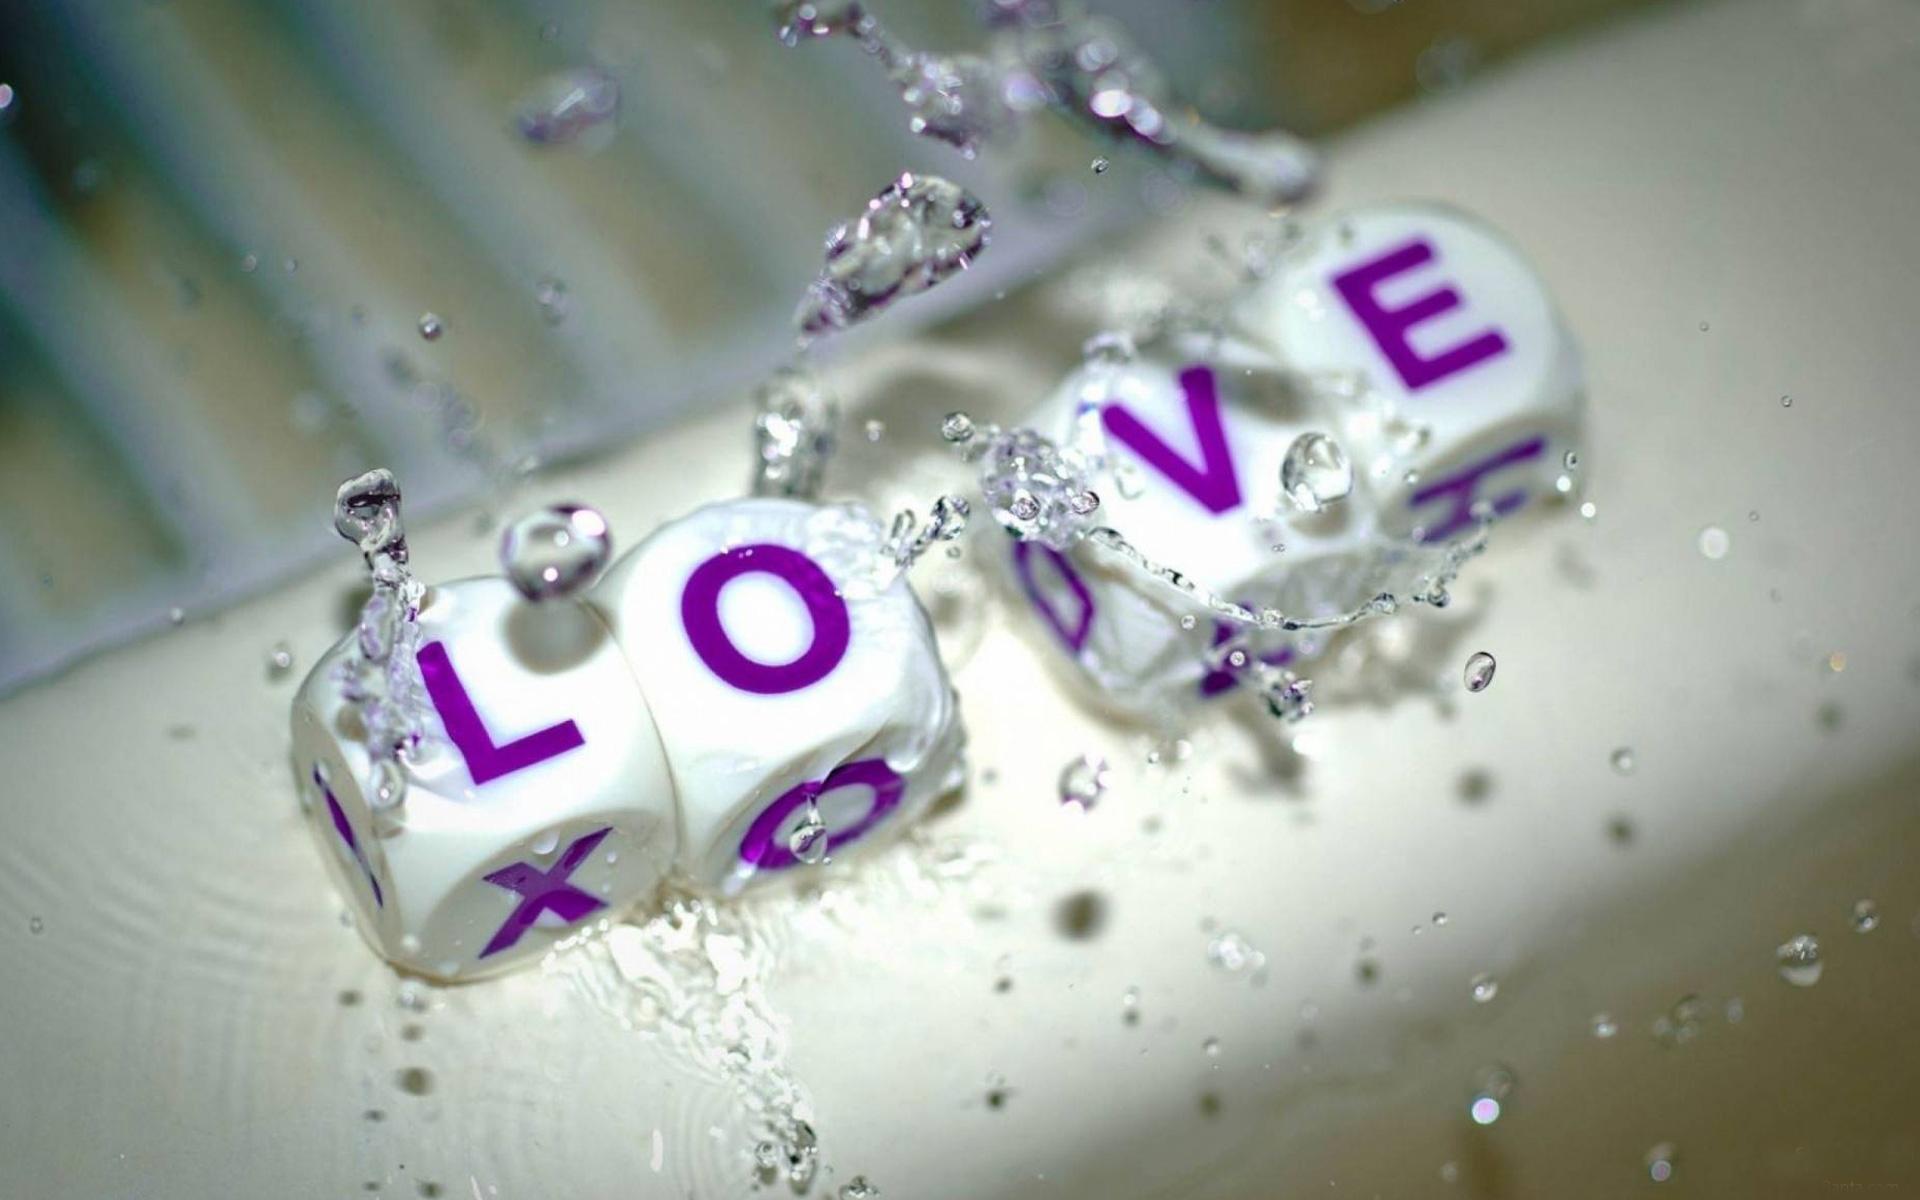 بالصور اجمل اغلفة للفيس بوك , صور حب وحزن وعبارات مكتوبة 12293 2